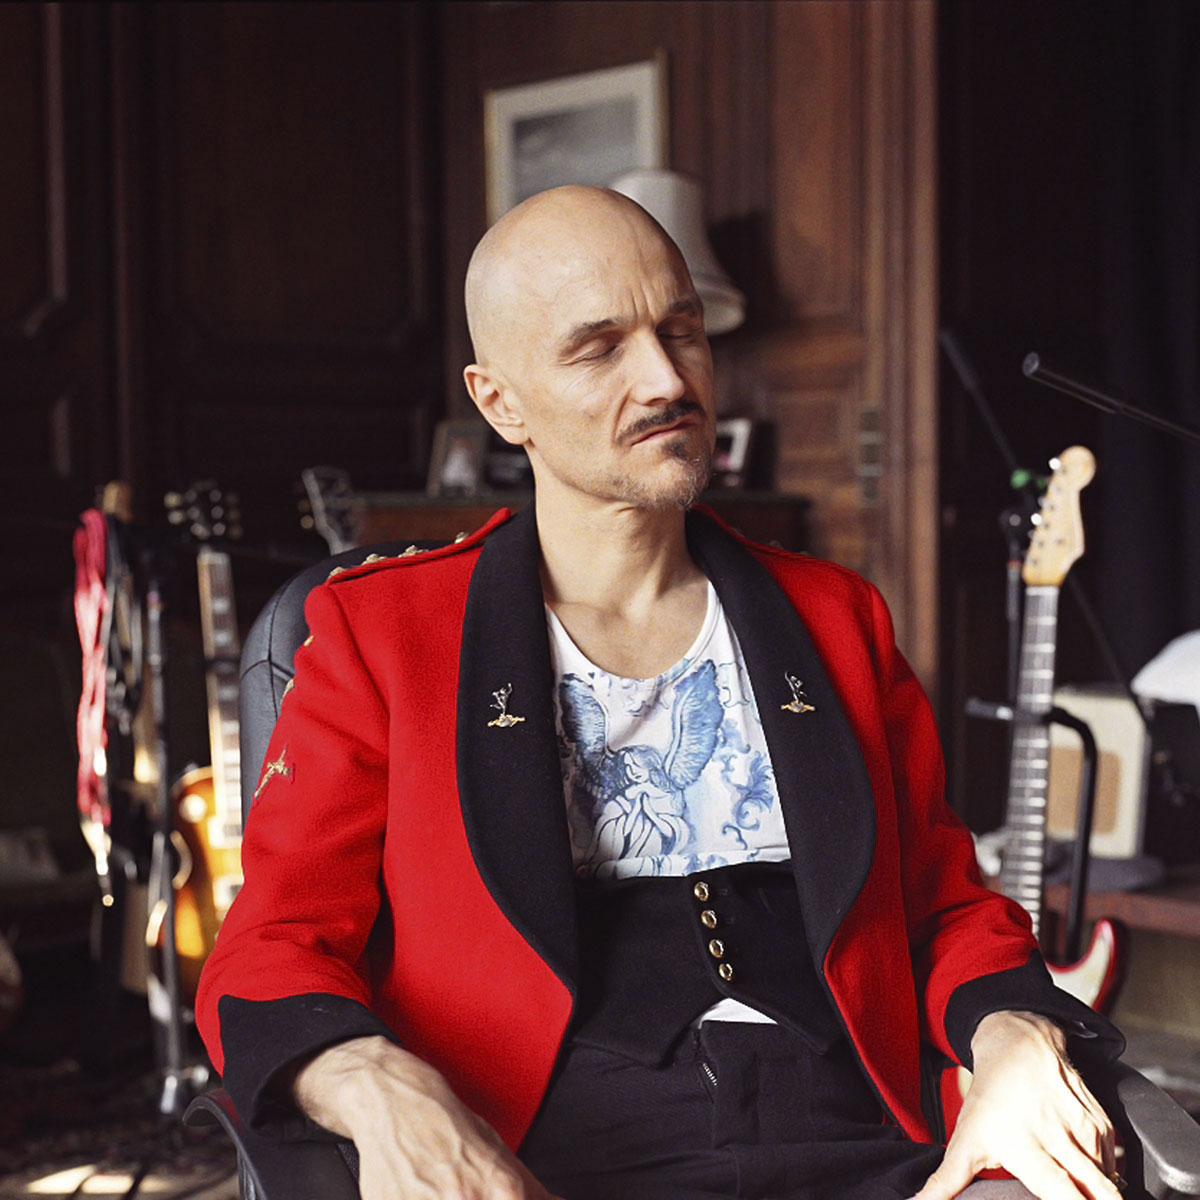 Julian-Ward-Portrait-Tim-Booth.jpg